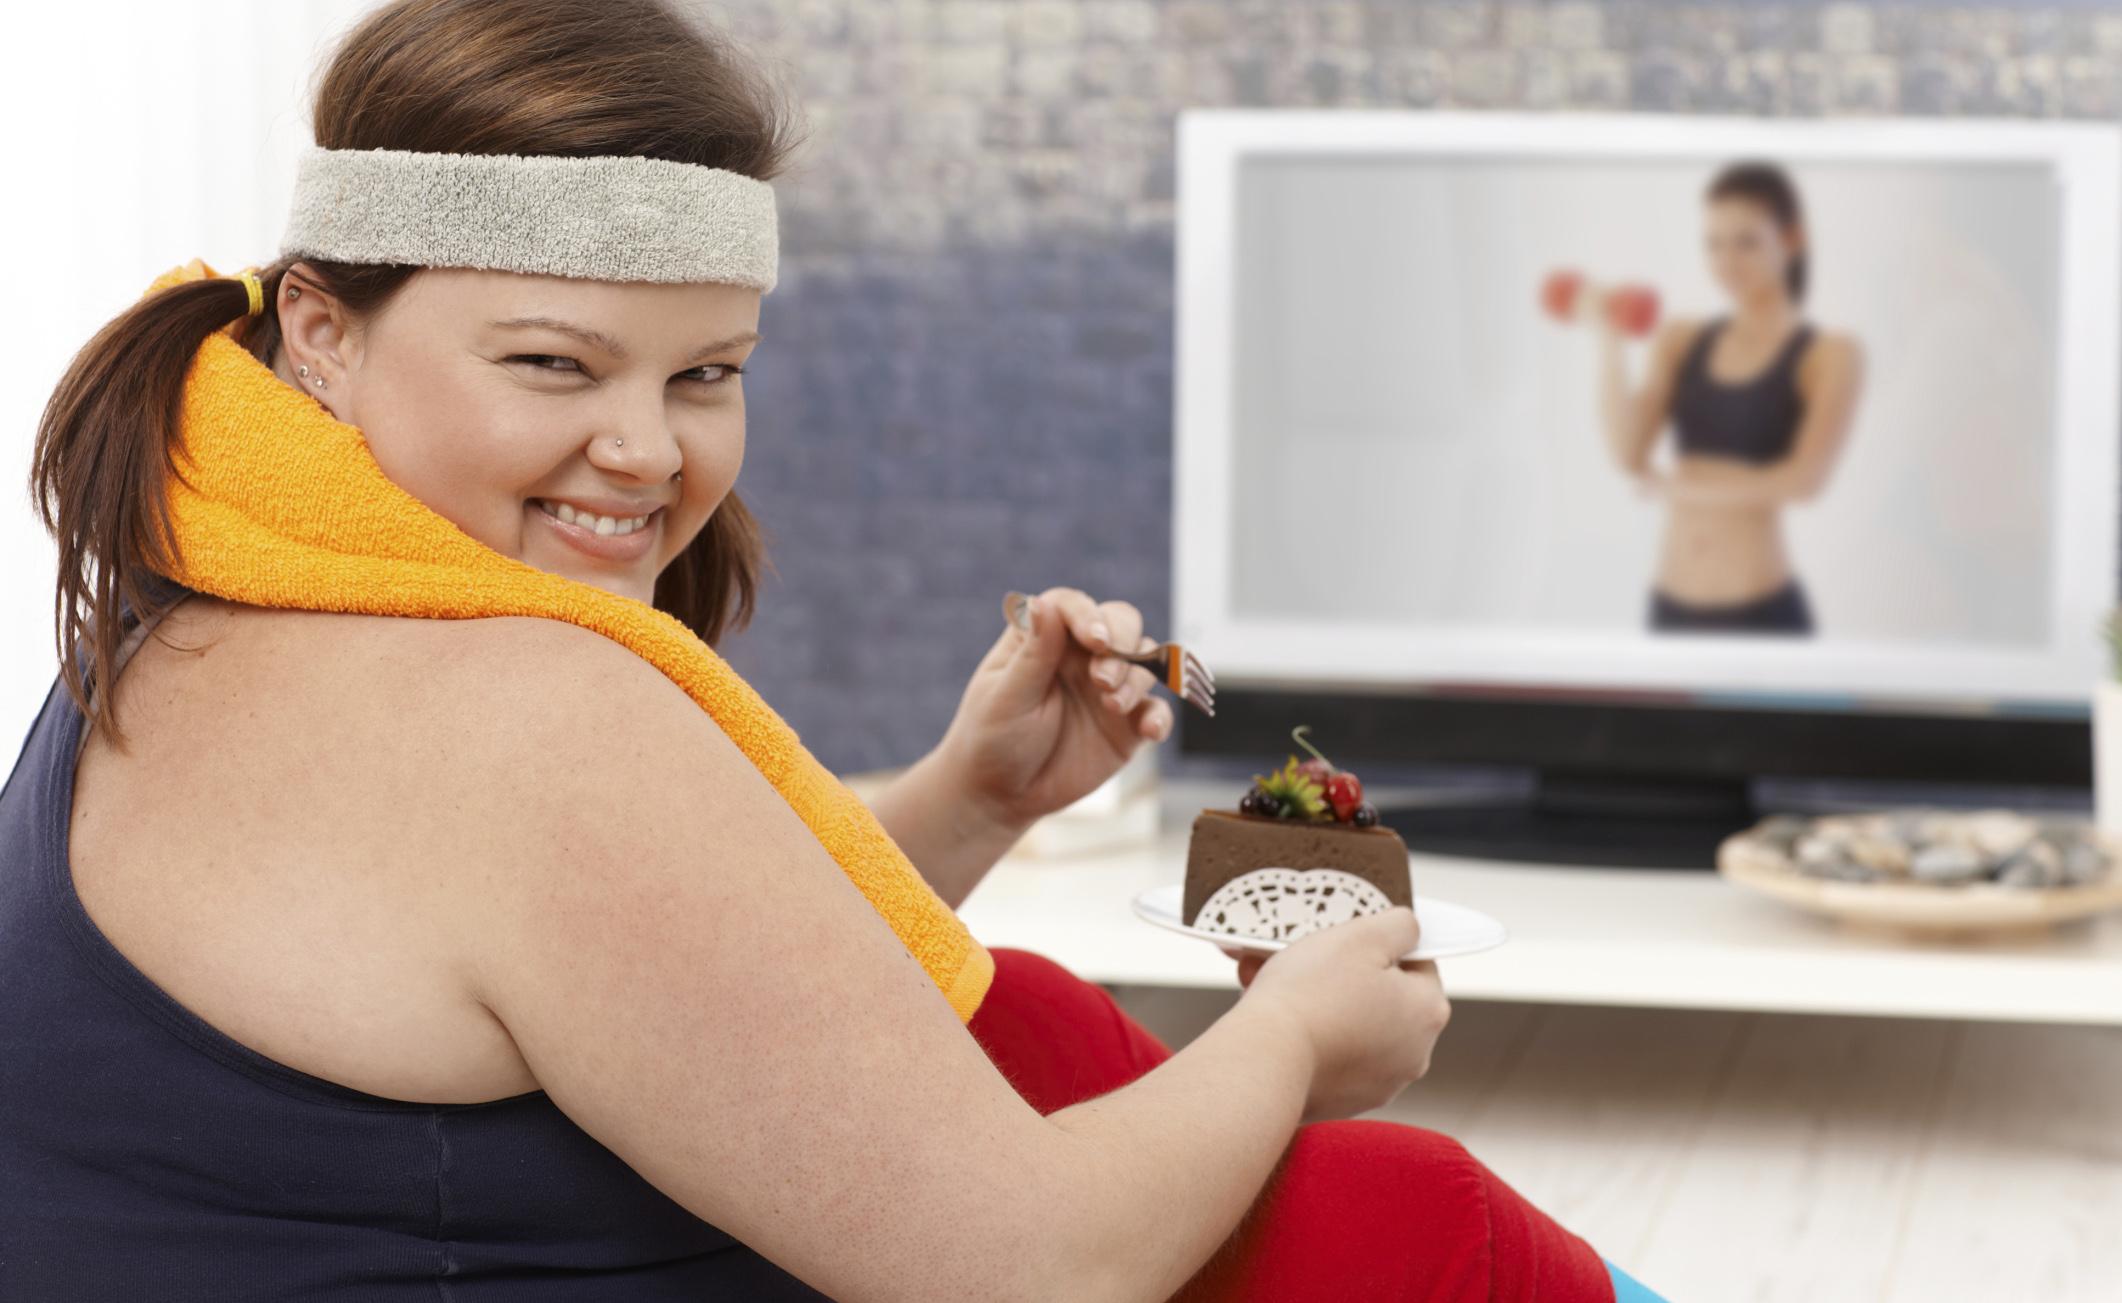 Obesità in aumento negli ultimi anni